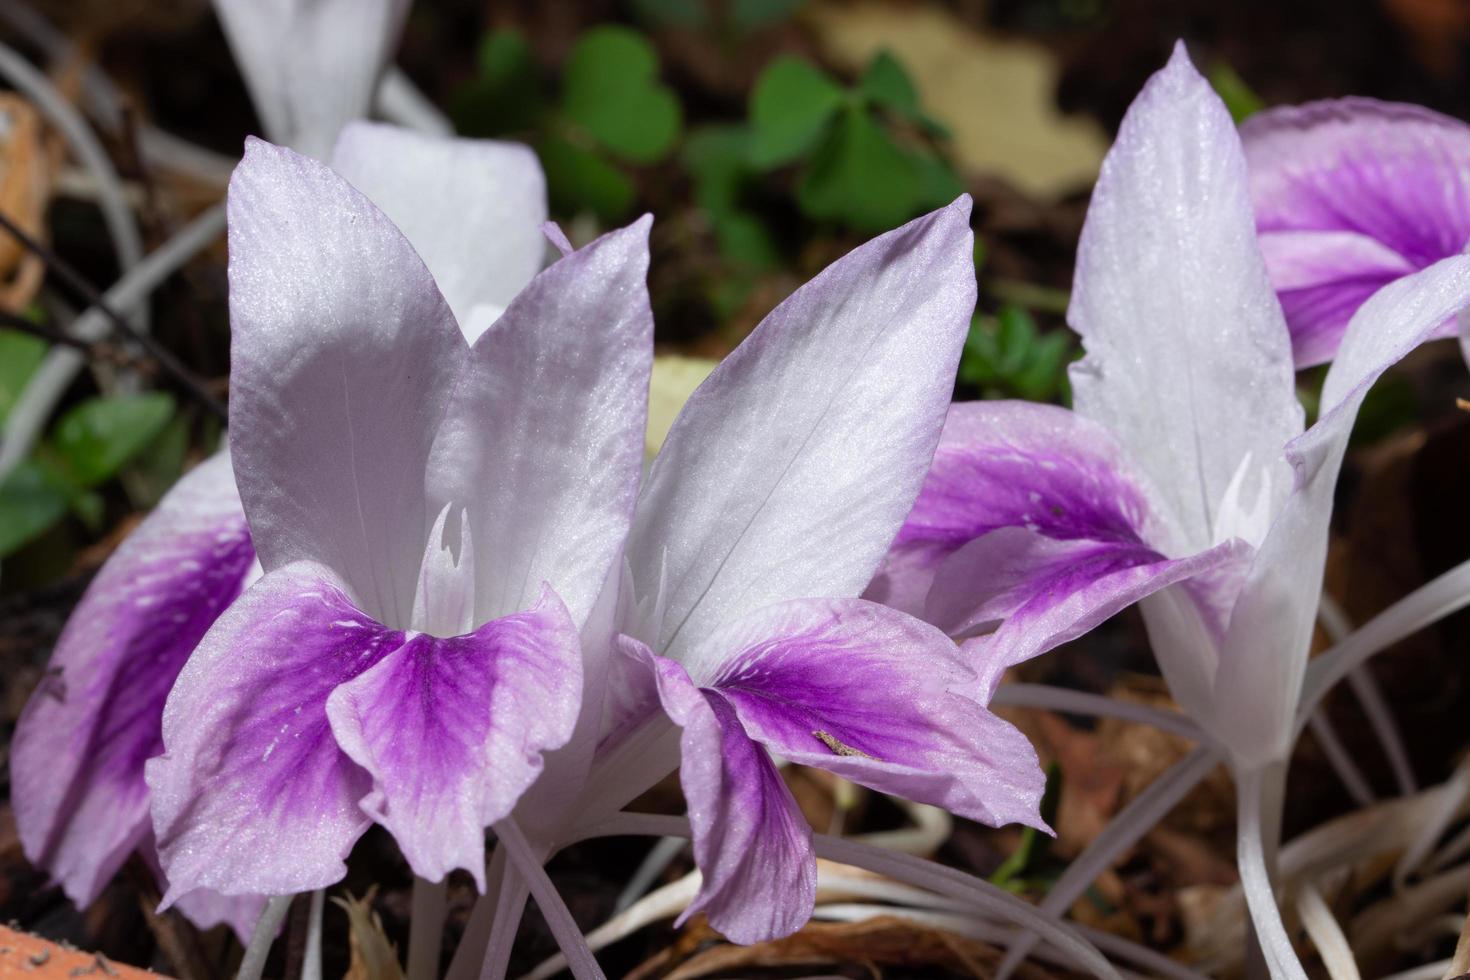 fond de fleurs blanches et violettes photo